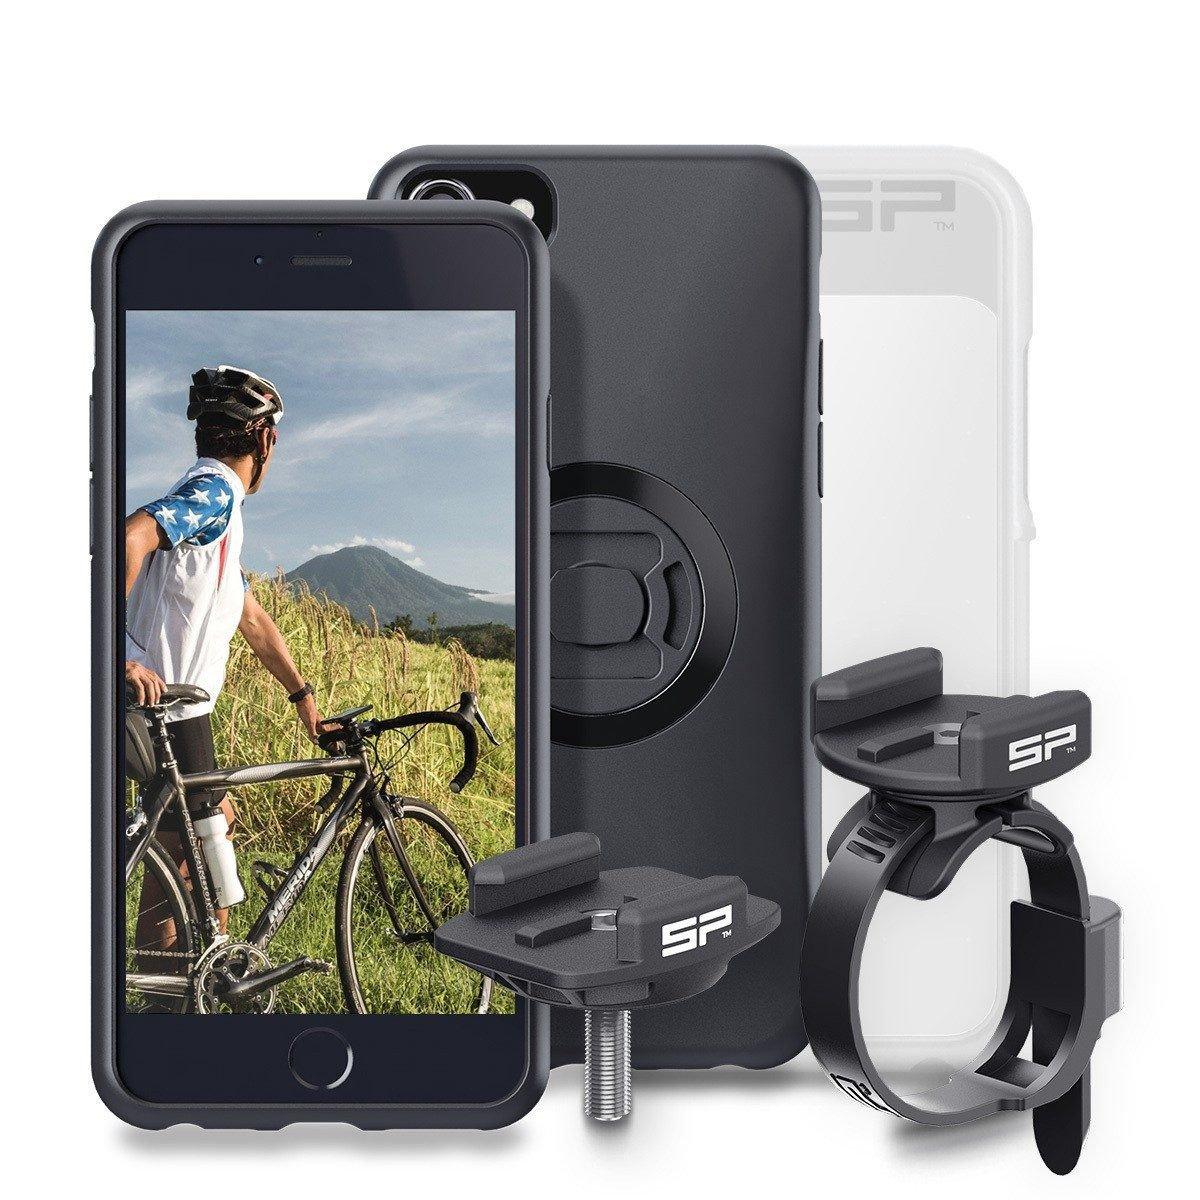 SP Connect Bike Bundle - mit Halterung für dein Smartphone und einer Schutzhülle vor Regen.